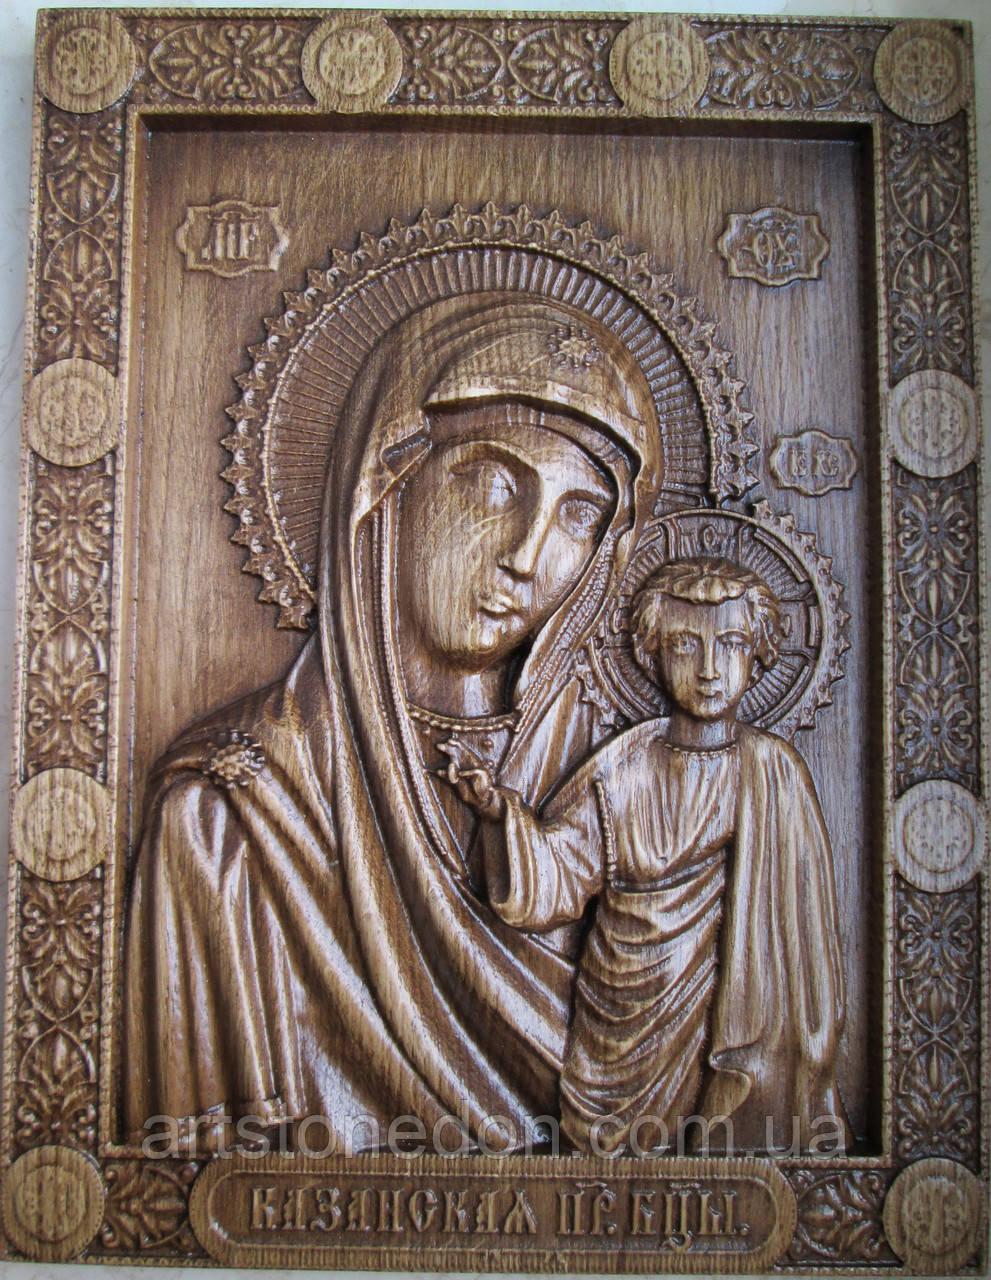 Иконы резные из дерева. Казанская икона Божьей Матери